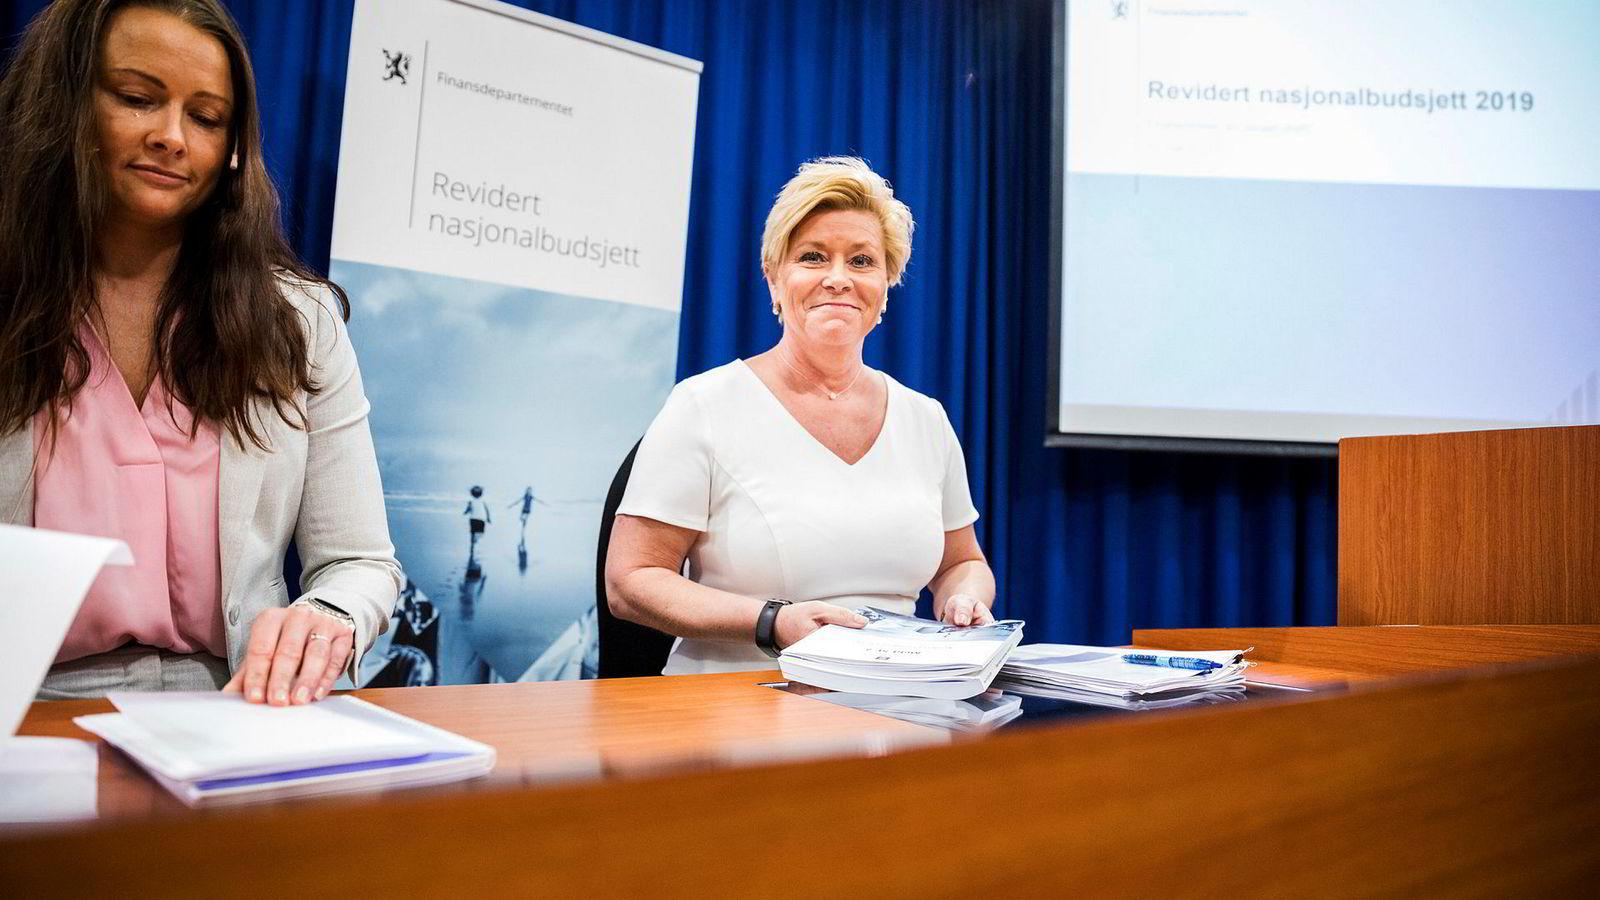 Siv Jensen (til høyre) under pressekonferansen om revidert nasjonalbudsjett 2019. Her sammen med kommunikasjonssjef Therese Riiser Wålen.